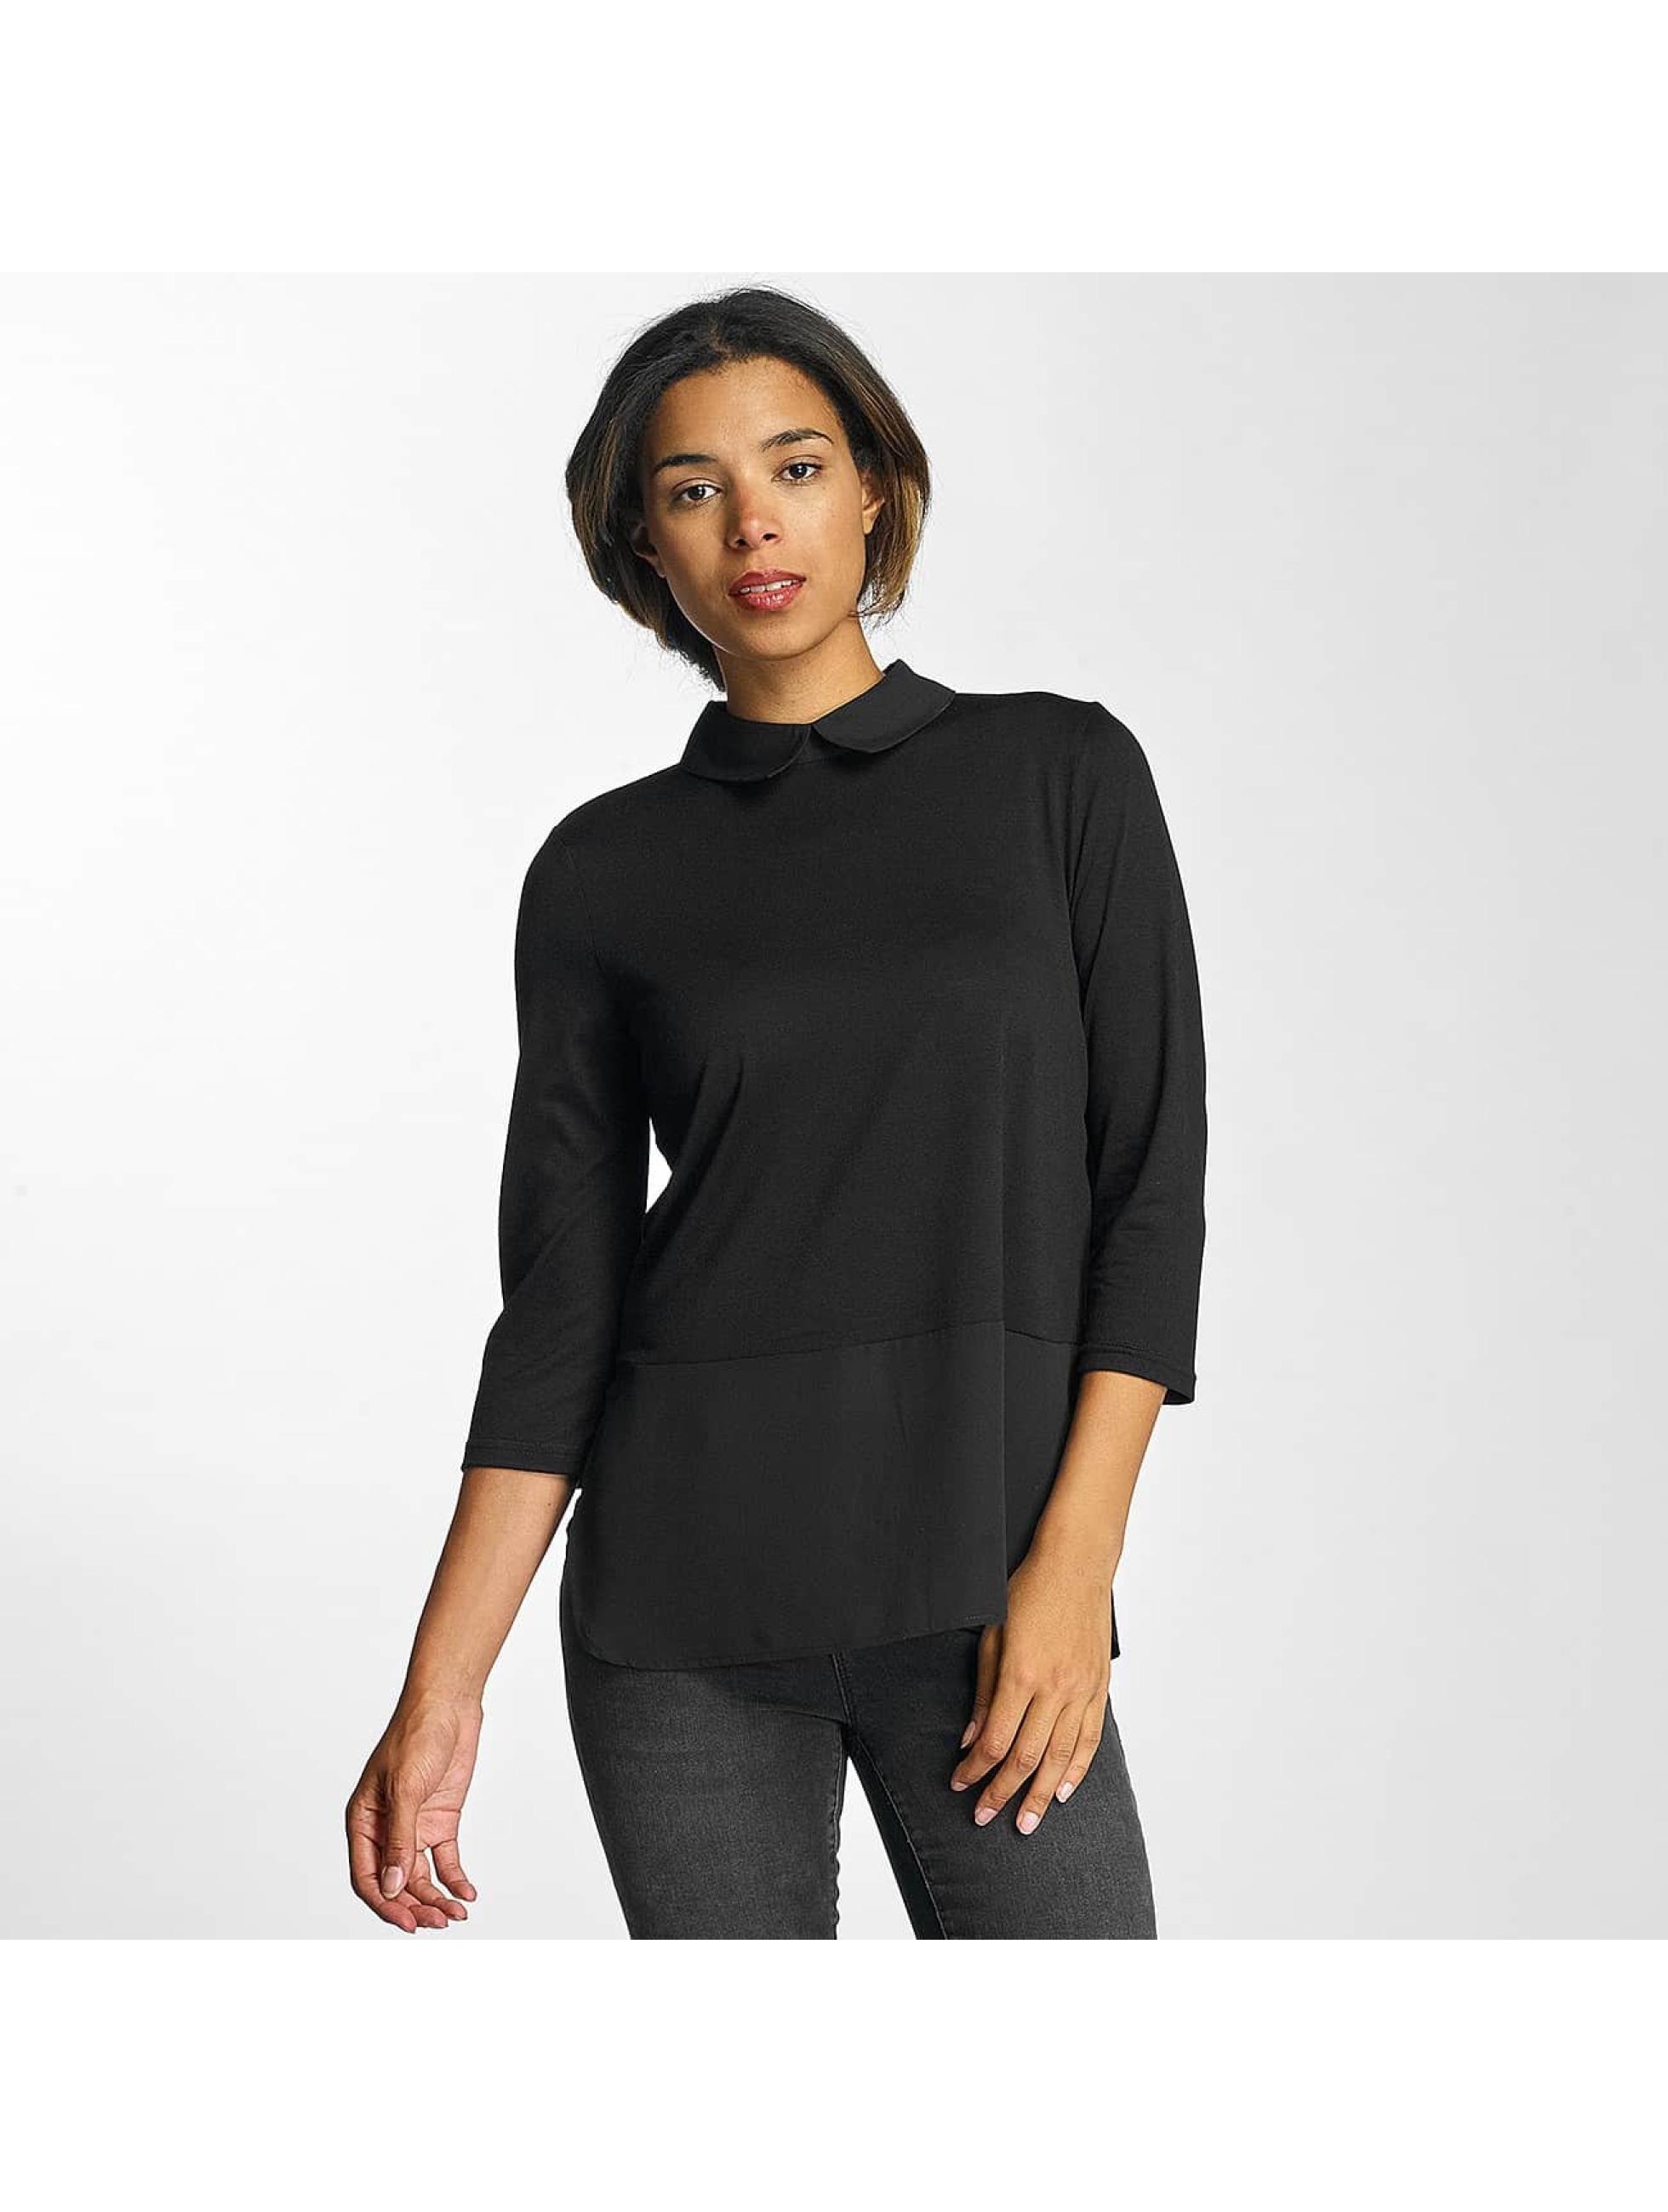 Vero Moda Frauen Longsleeve vmKacy in schwarz